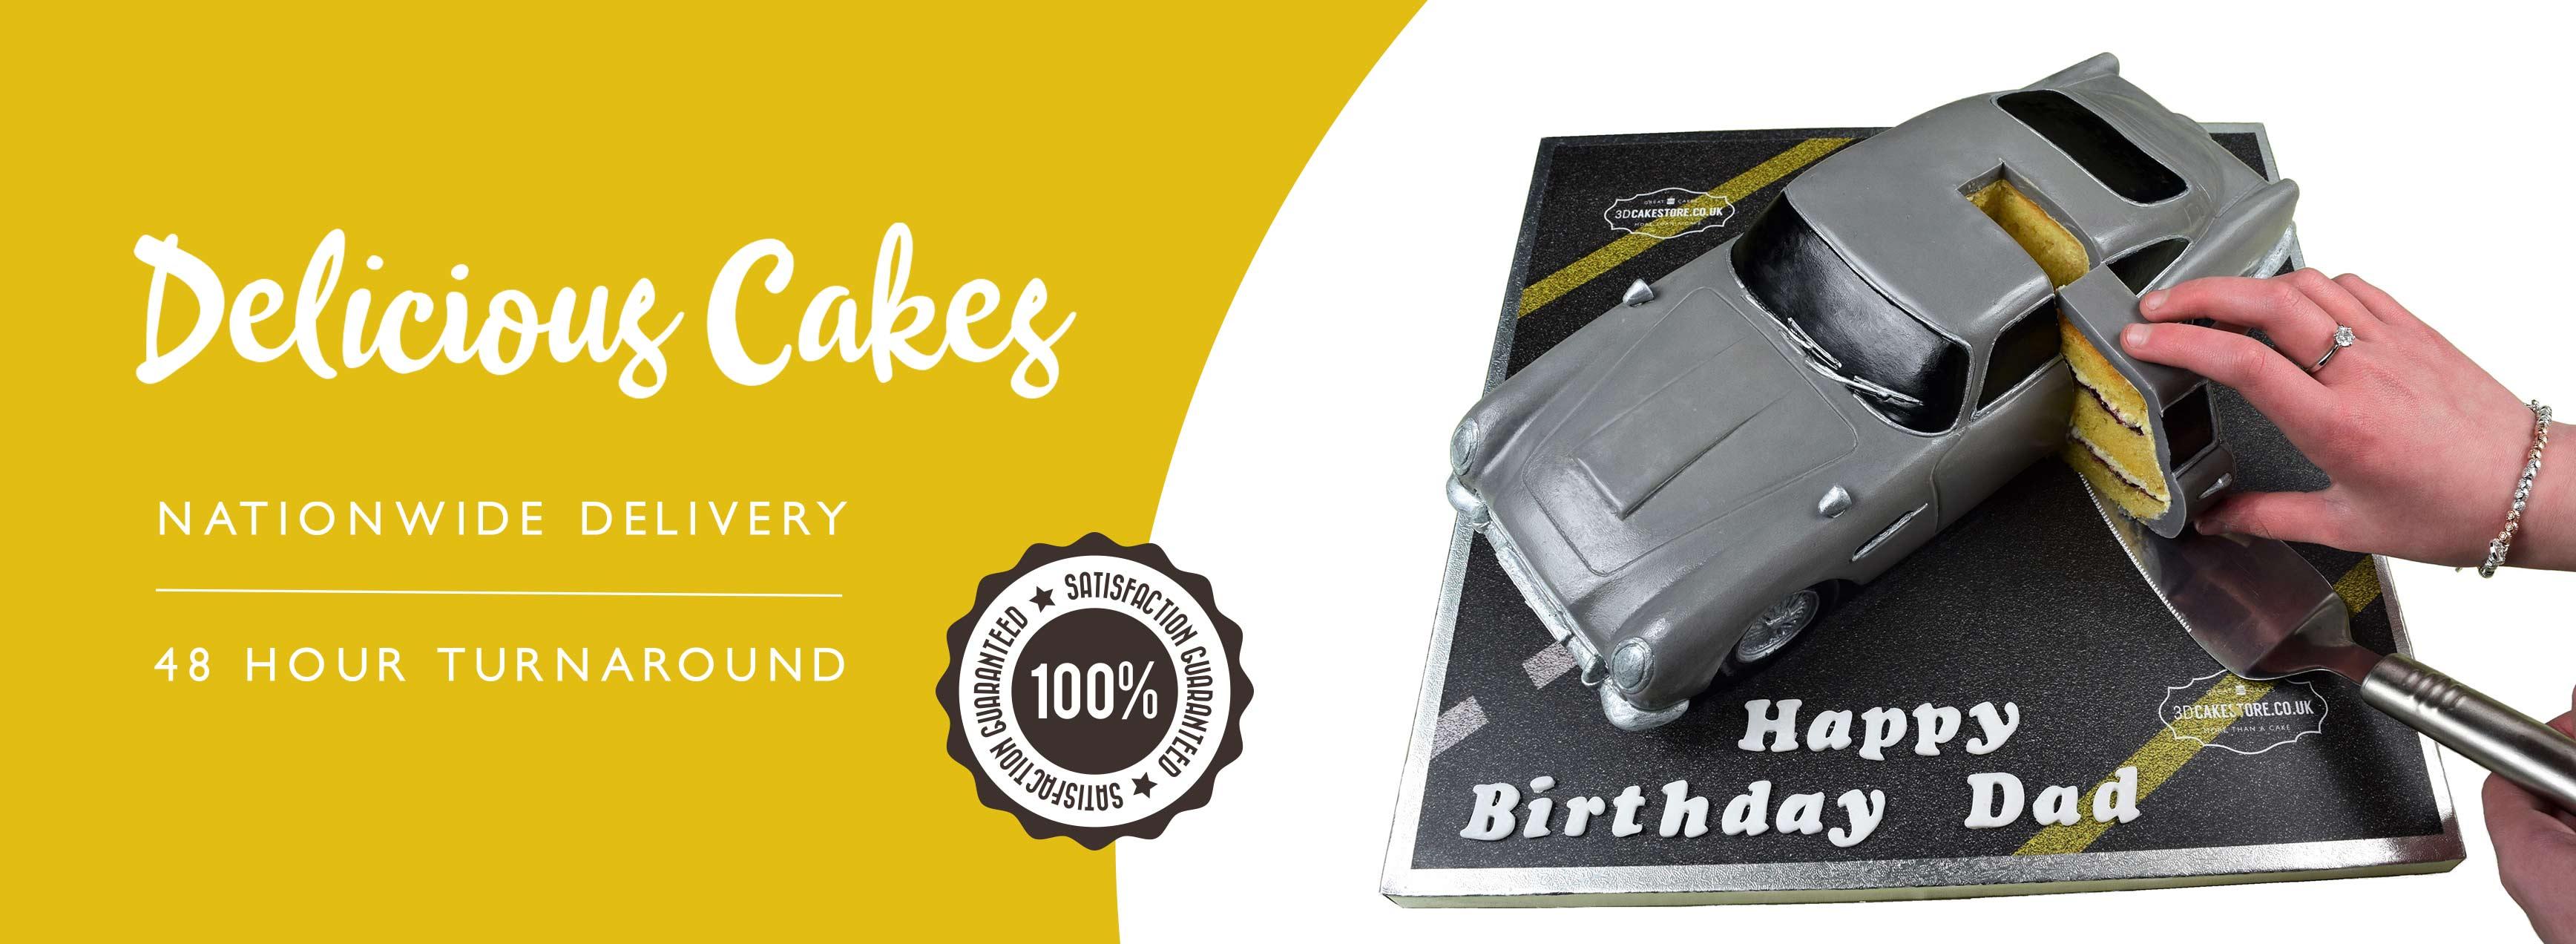 3DCakeStore-Slider---delicious-Cakes-1